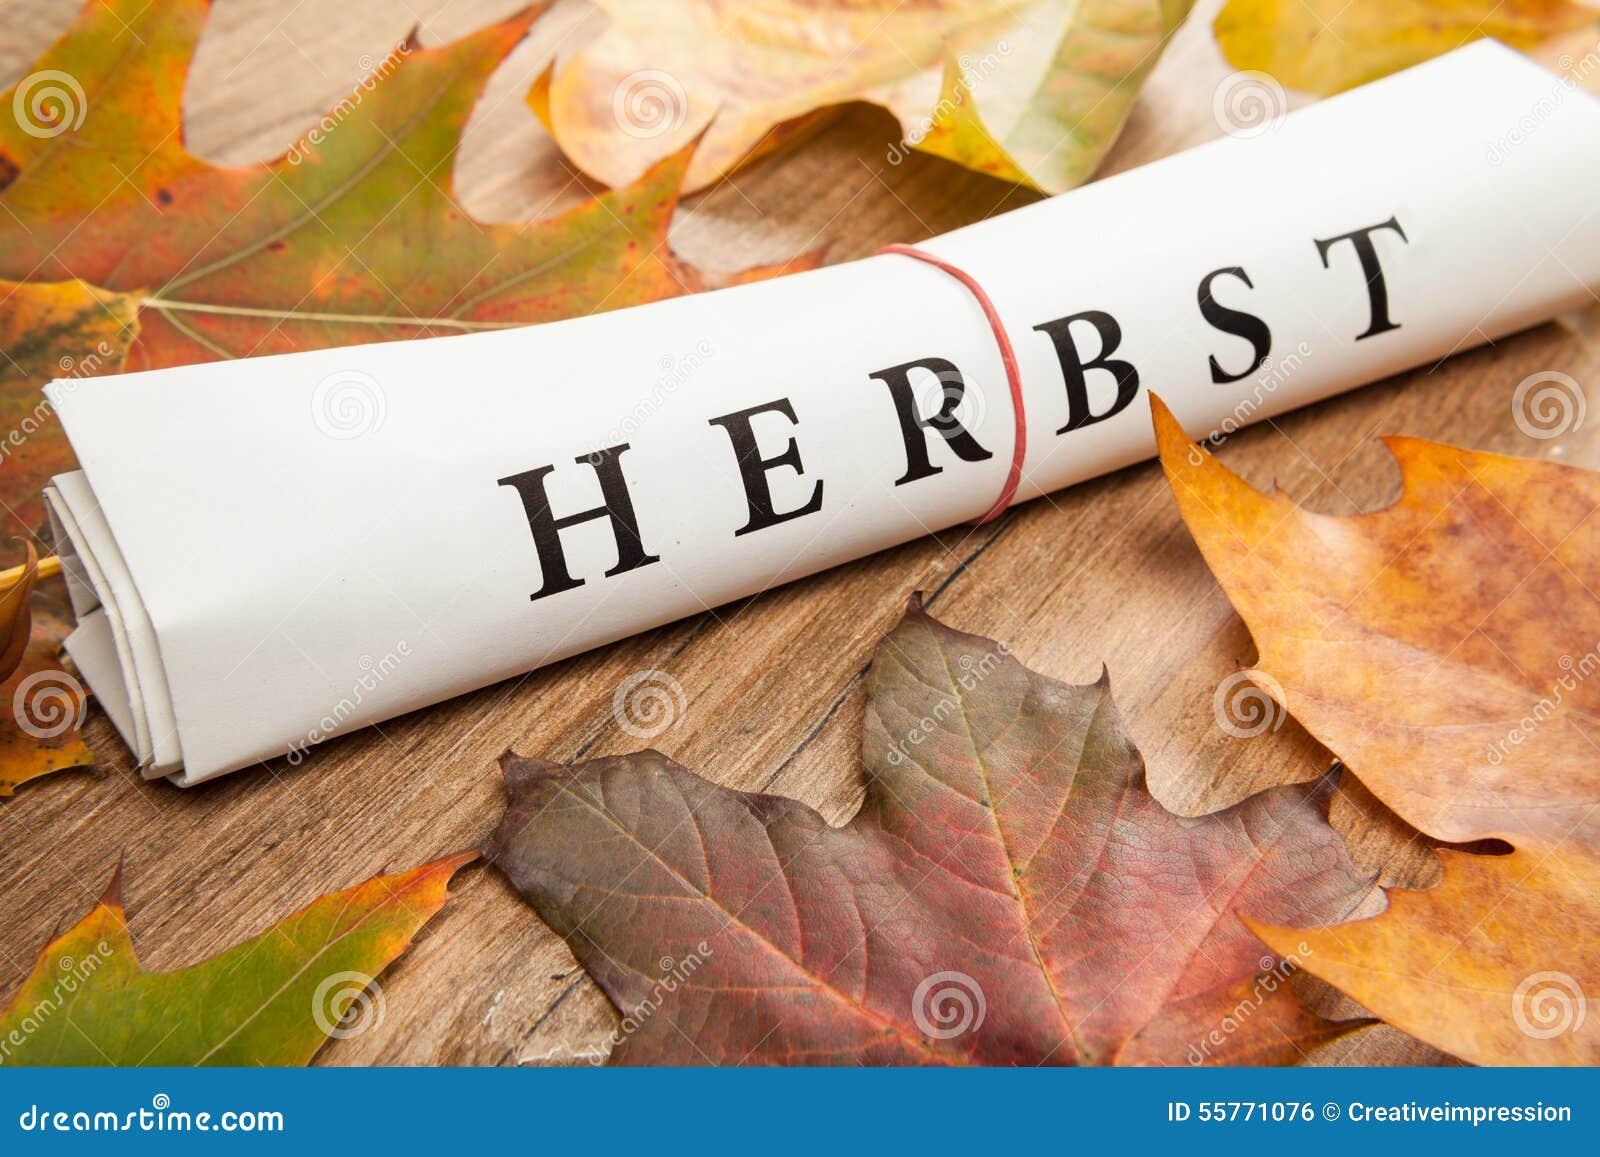 用德语写的秋天